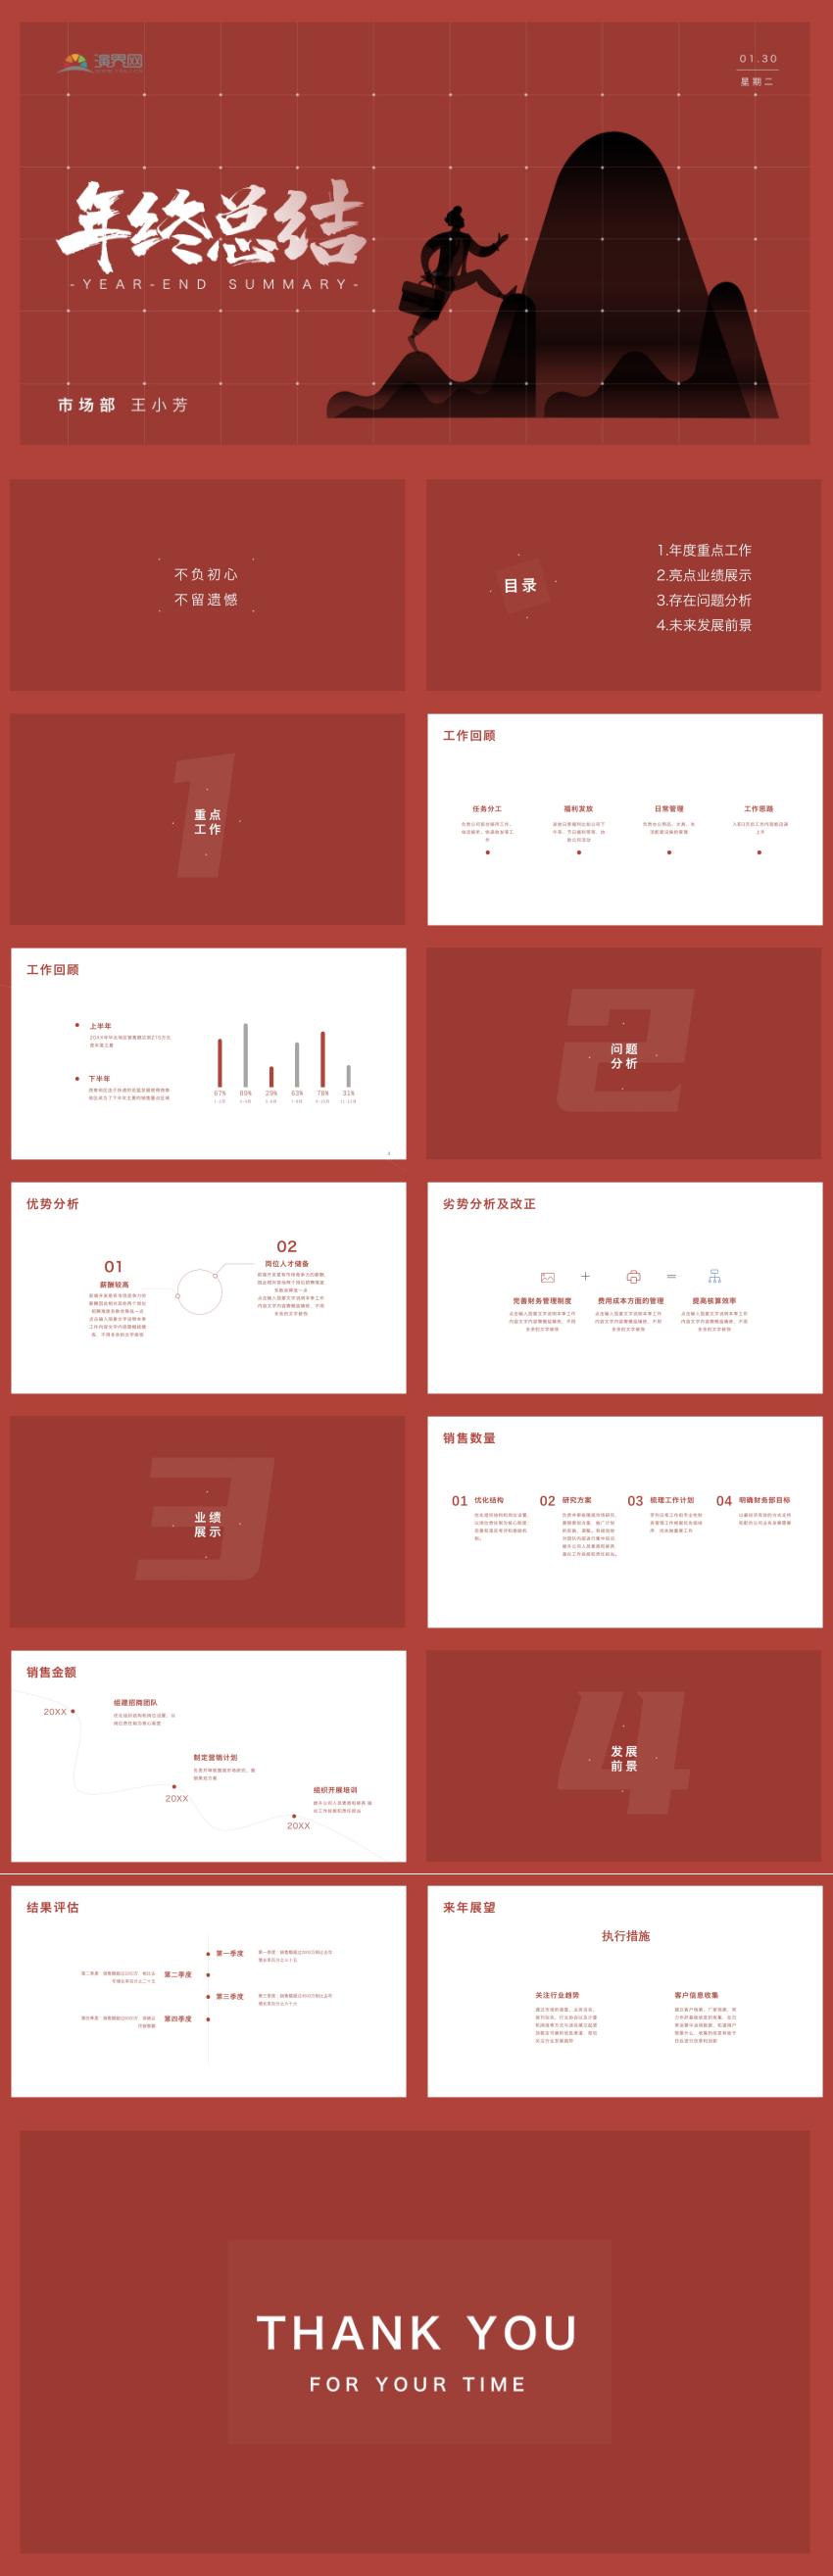 红色扁平互联网行业年终总结PPT模版